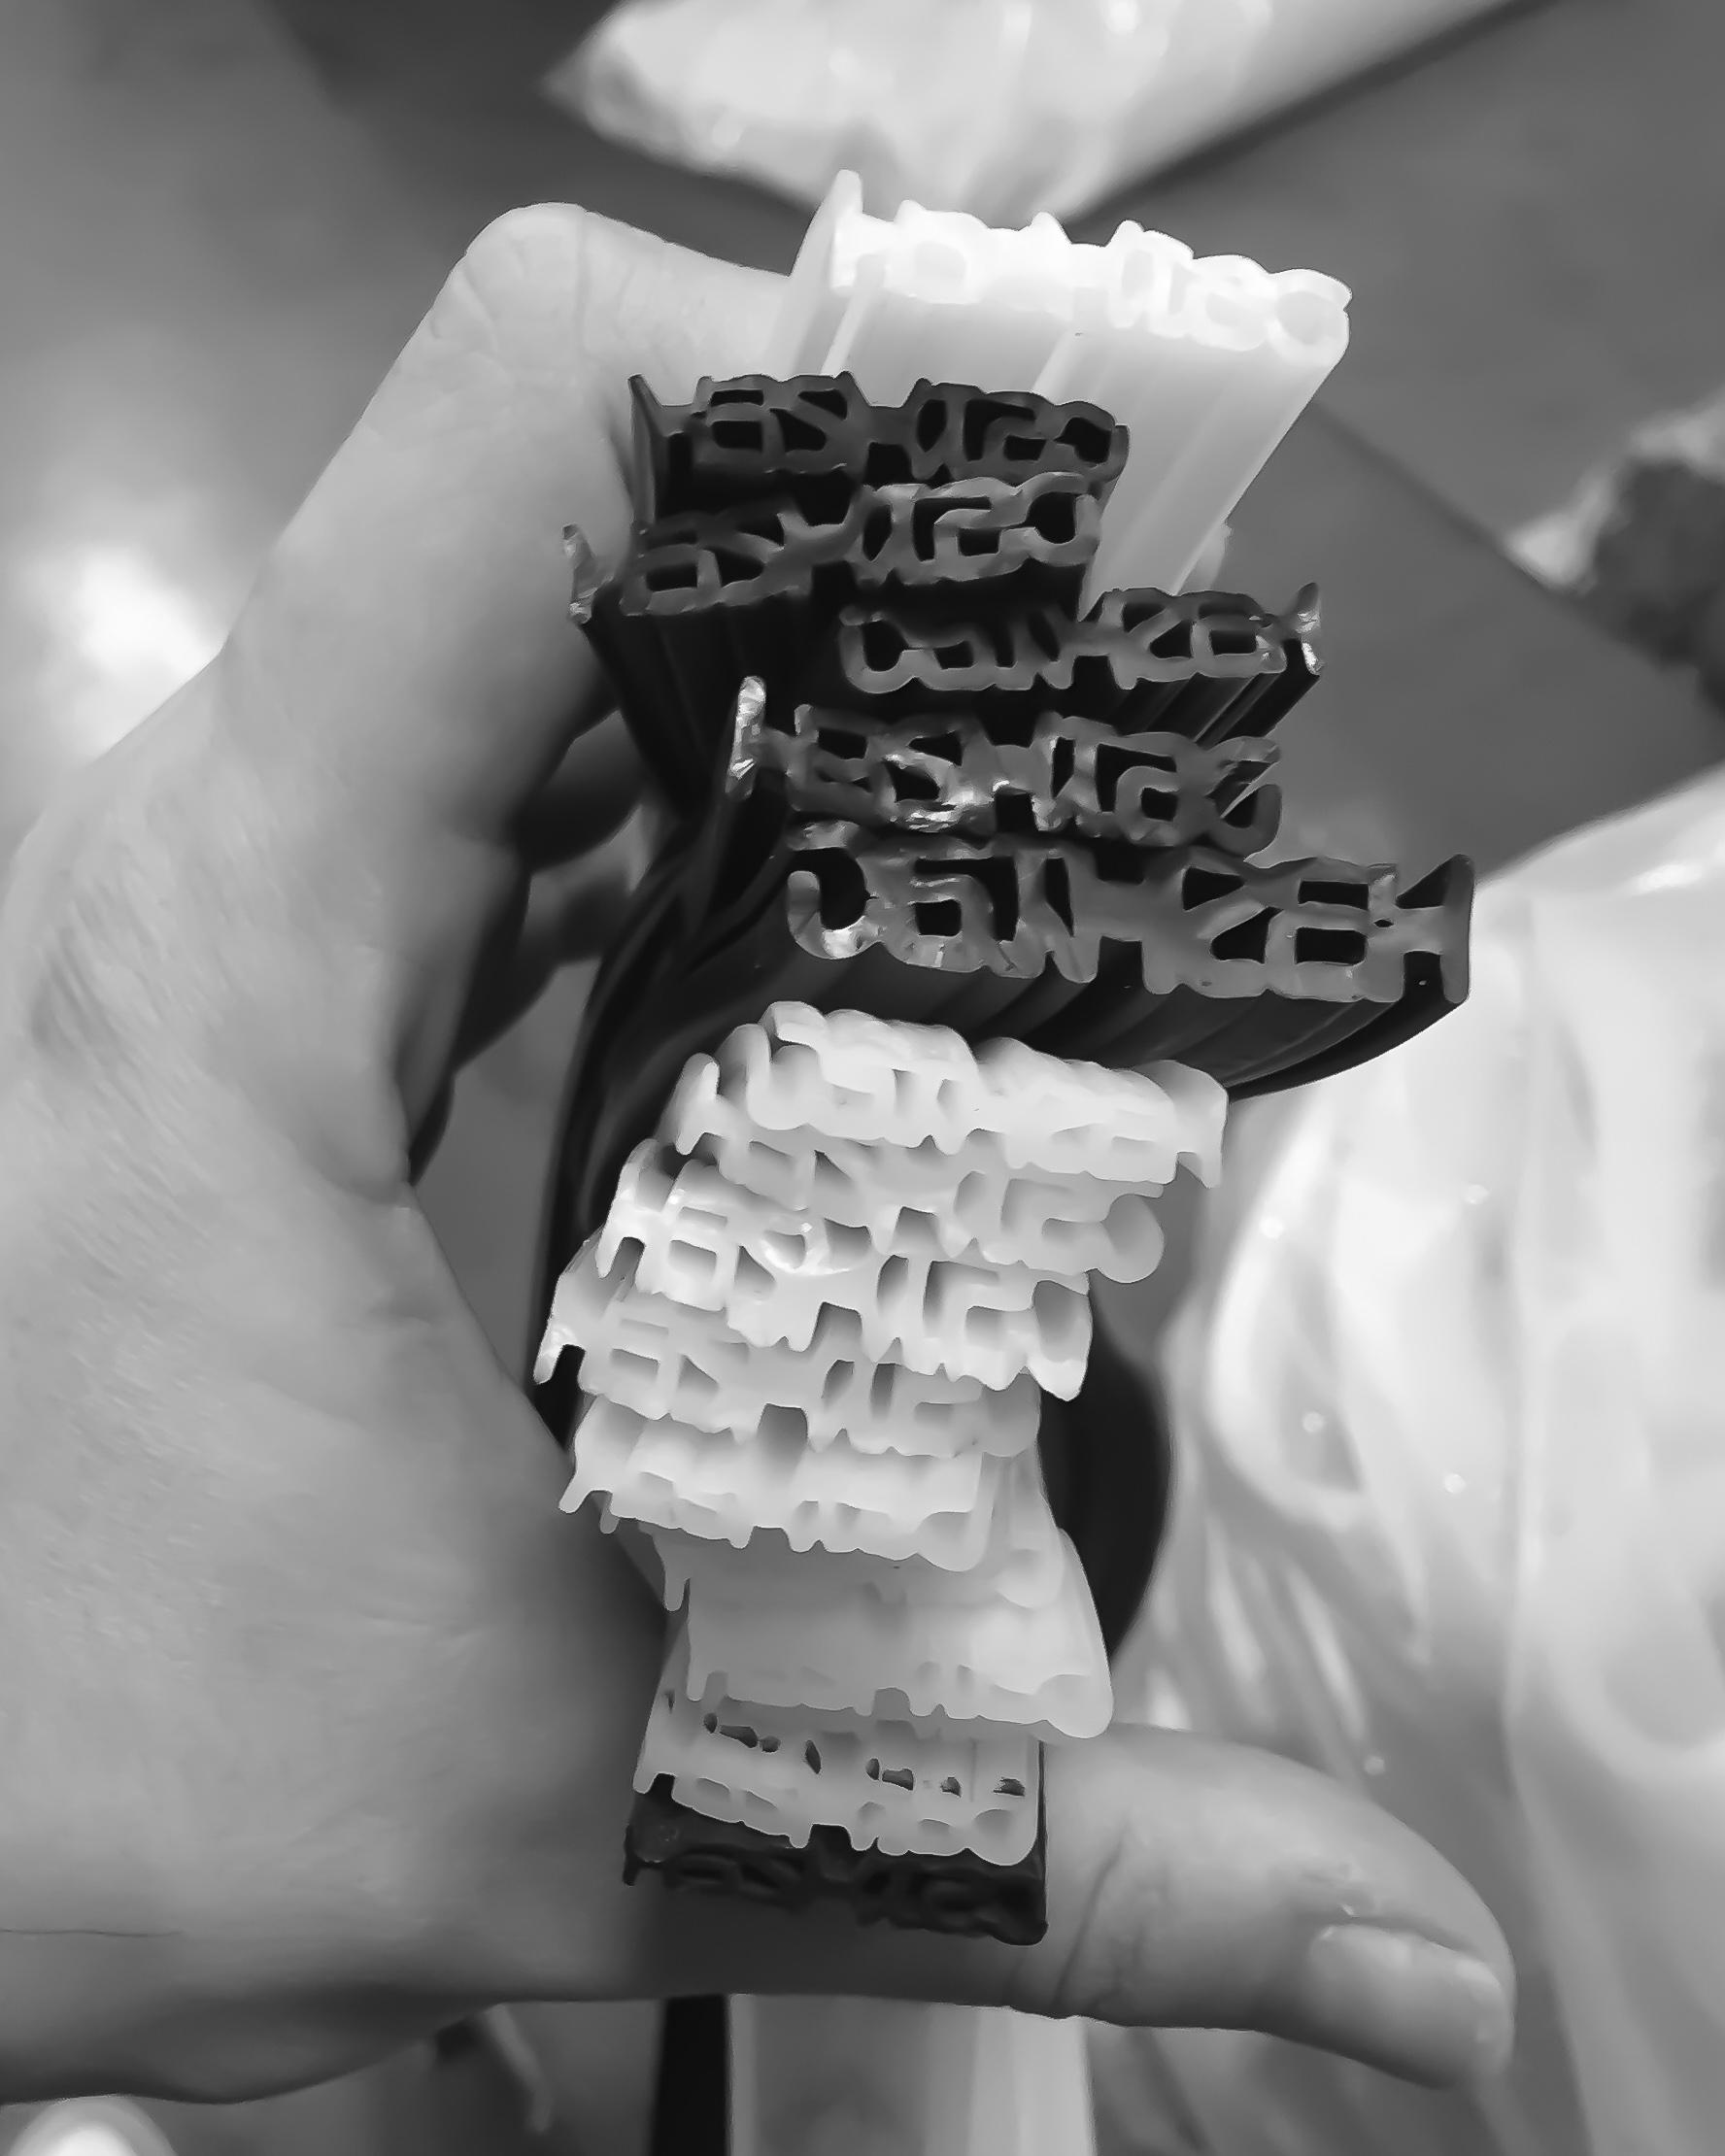 Primeros prototipos de la matriz de extrusión.